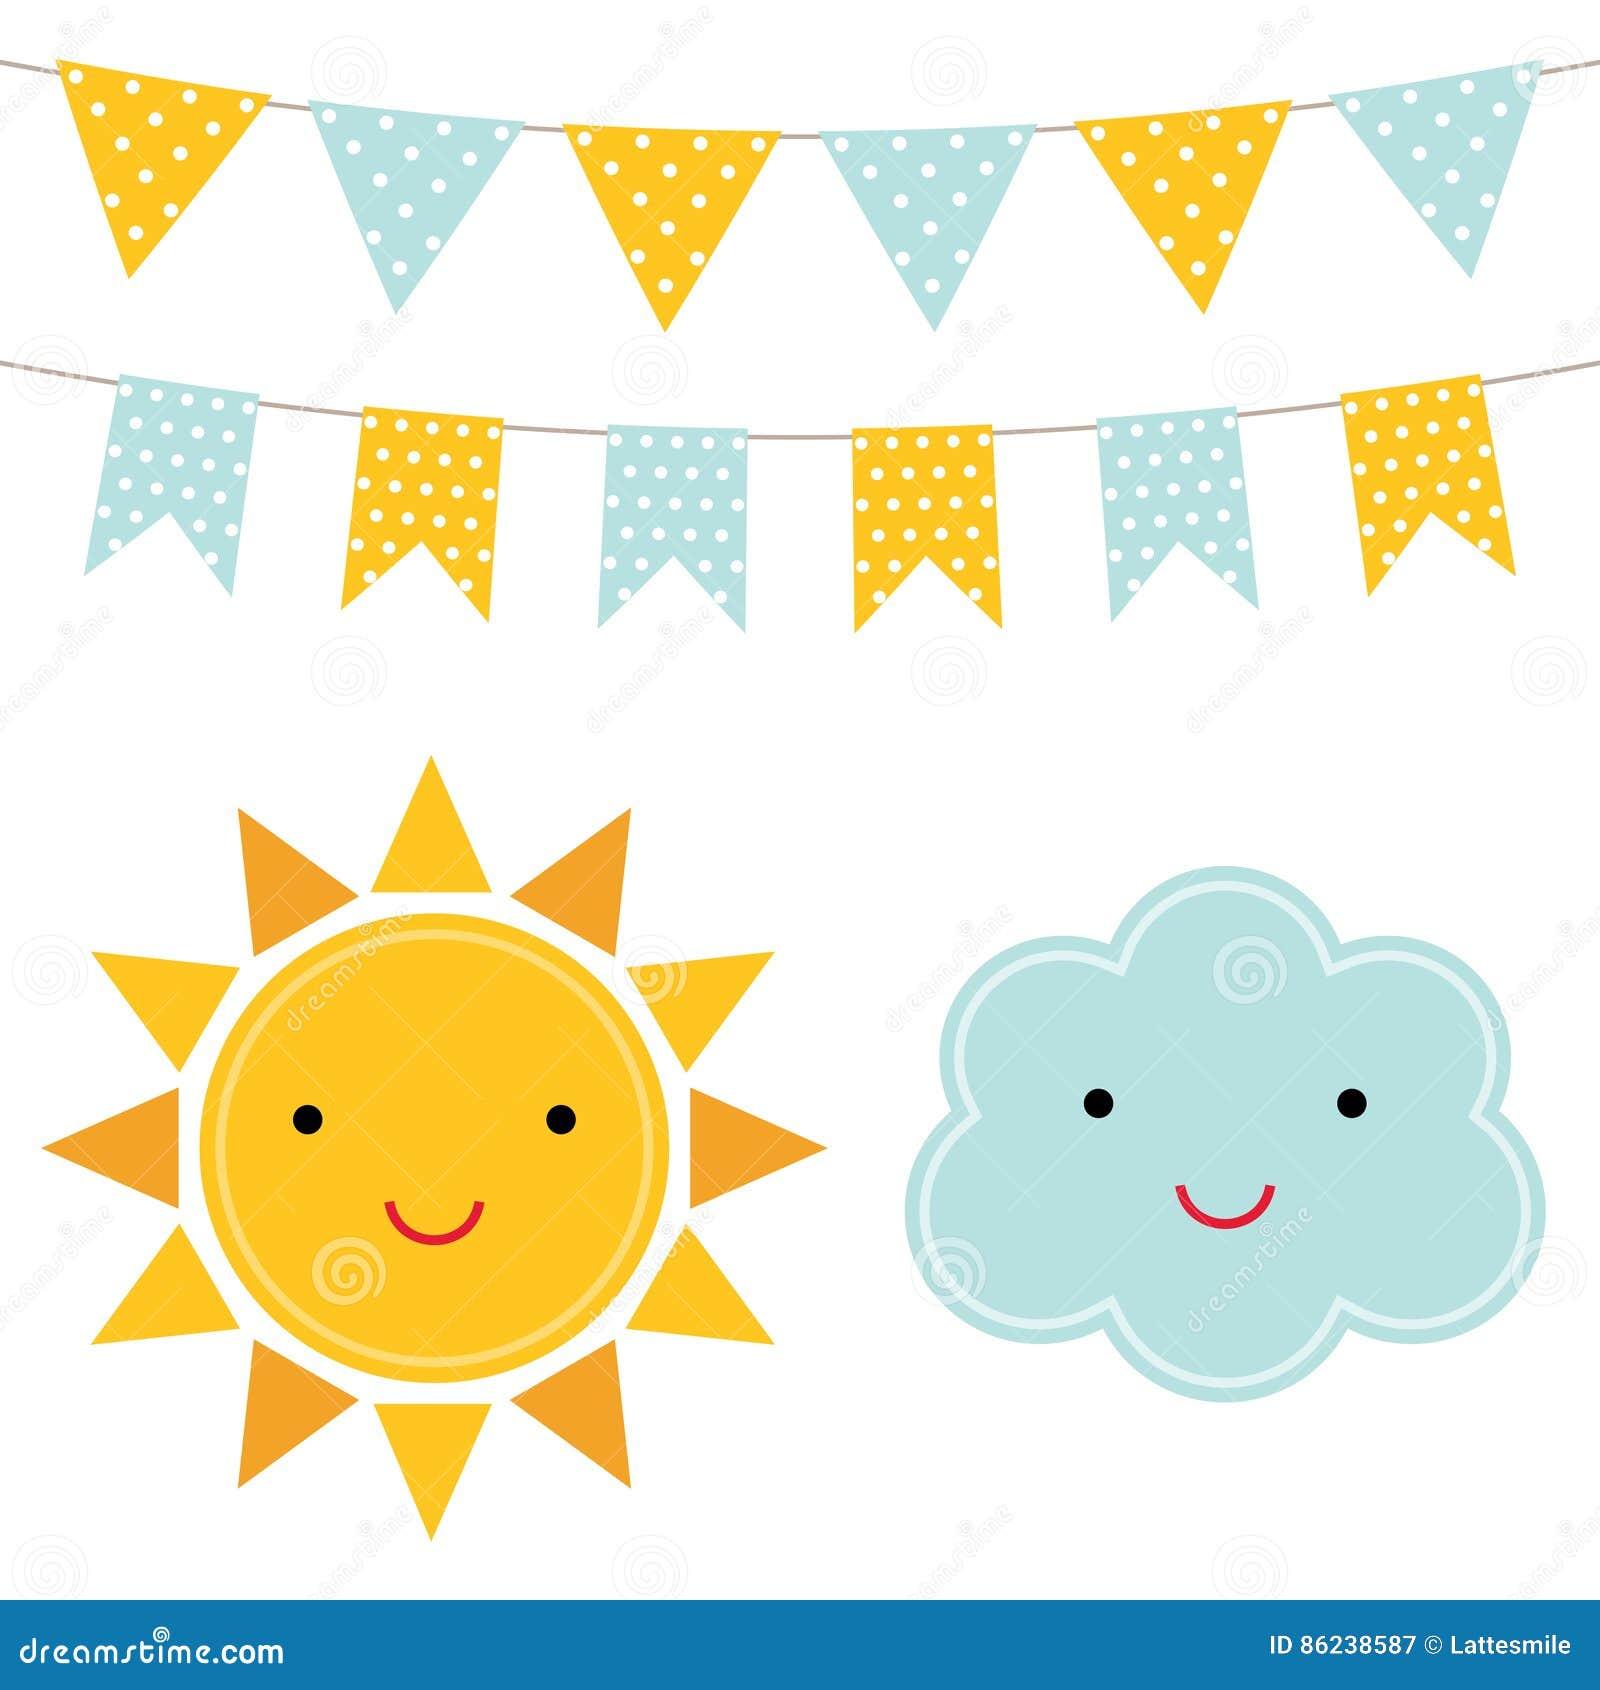 Sun and cloud cartoons